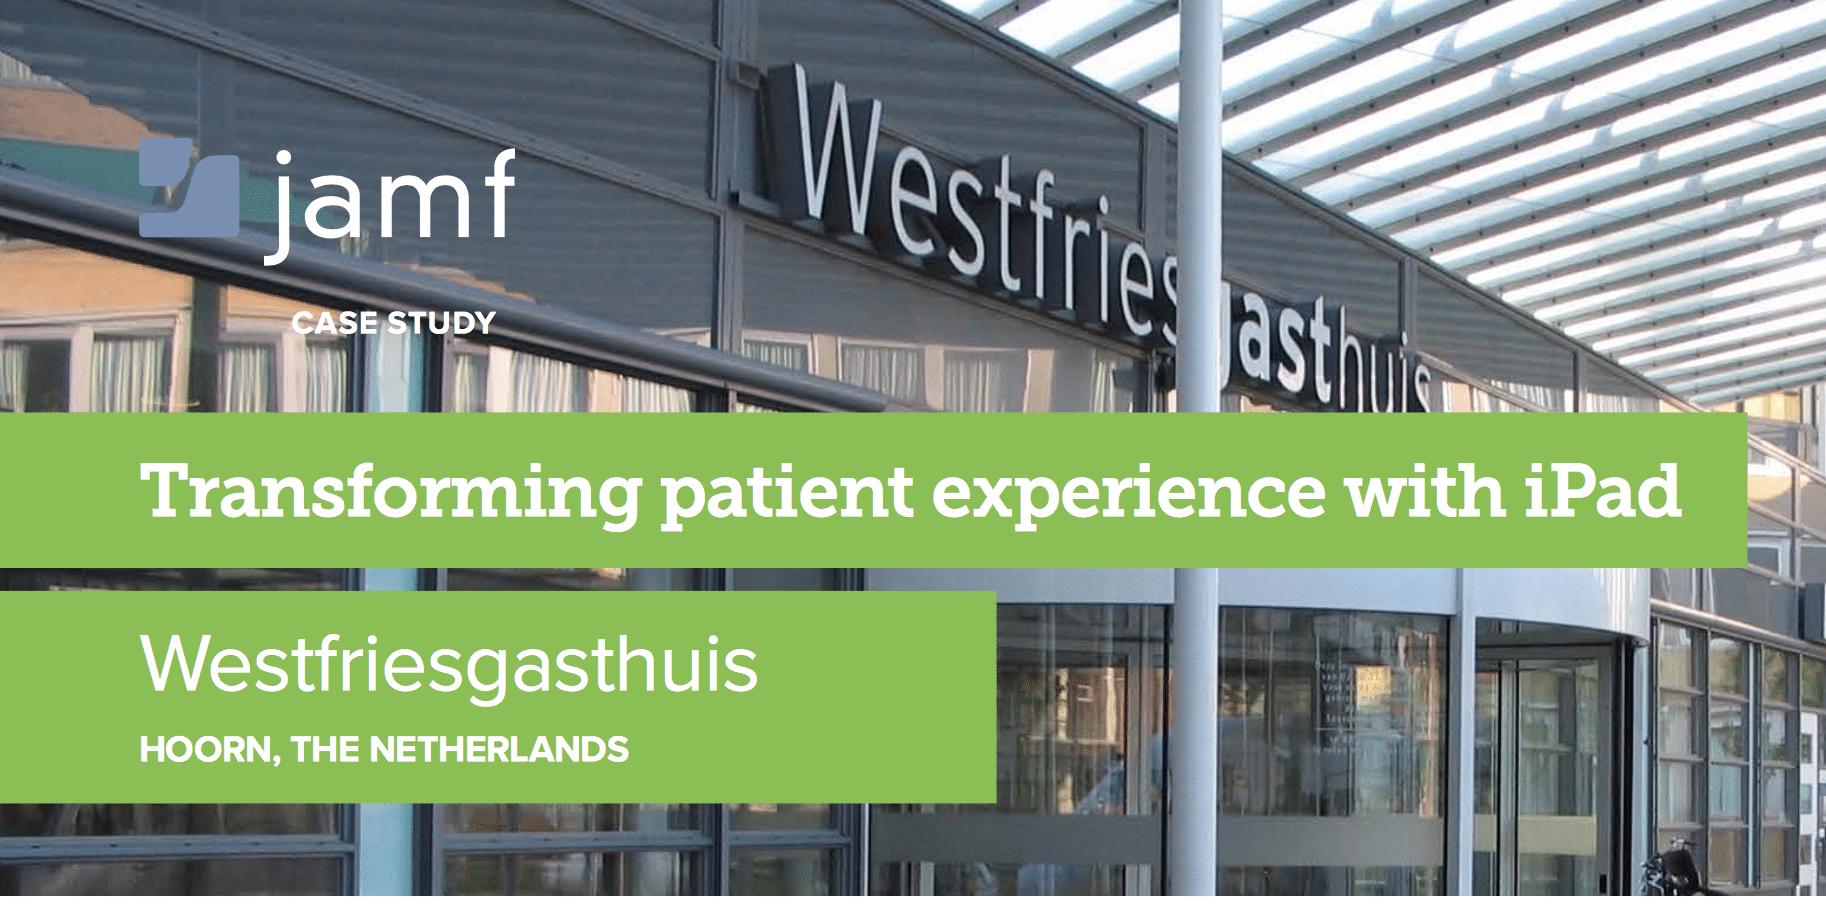 Nieuwsbericht: Patiëntervaringen veranderen met een iPad - case study Jamf Westfriesgasthuis